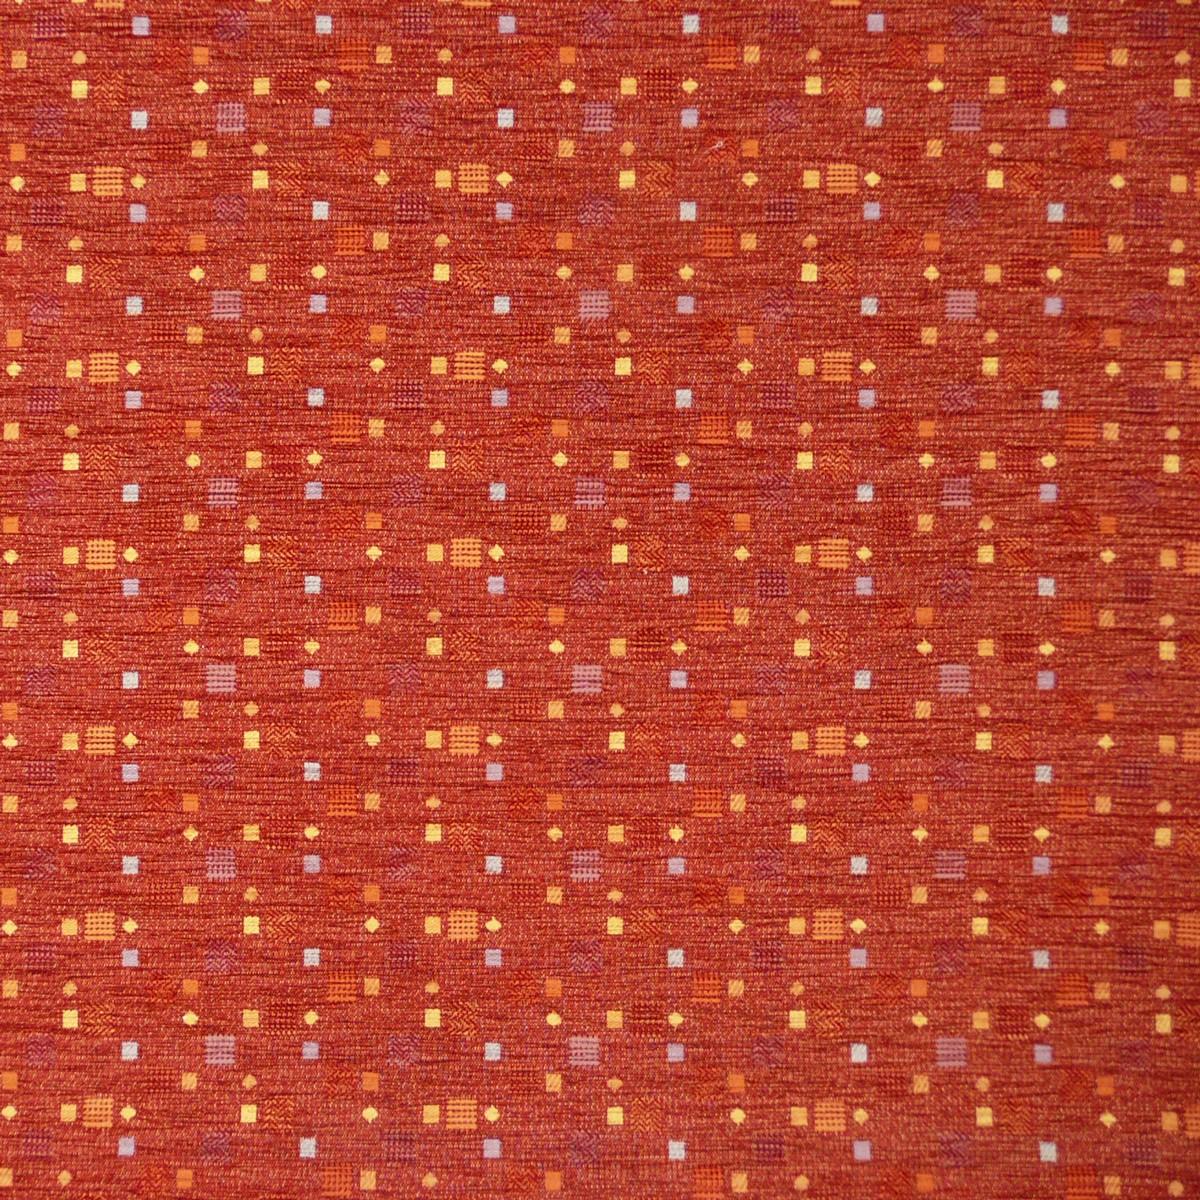 Möbelstoff Bezugsstoff WALSUM rot mit Kästchen